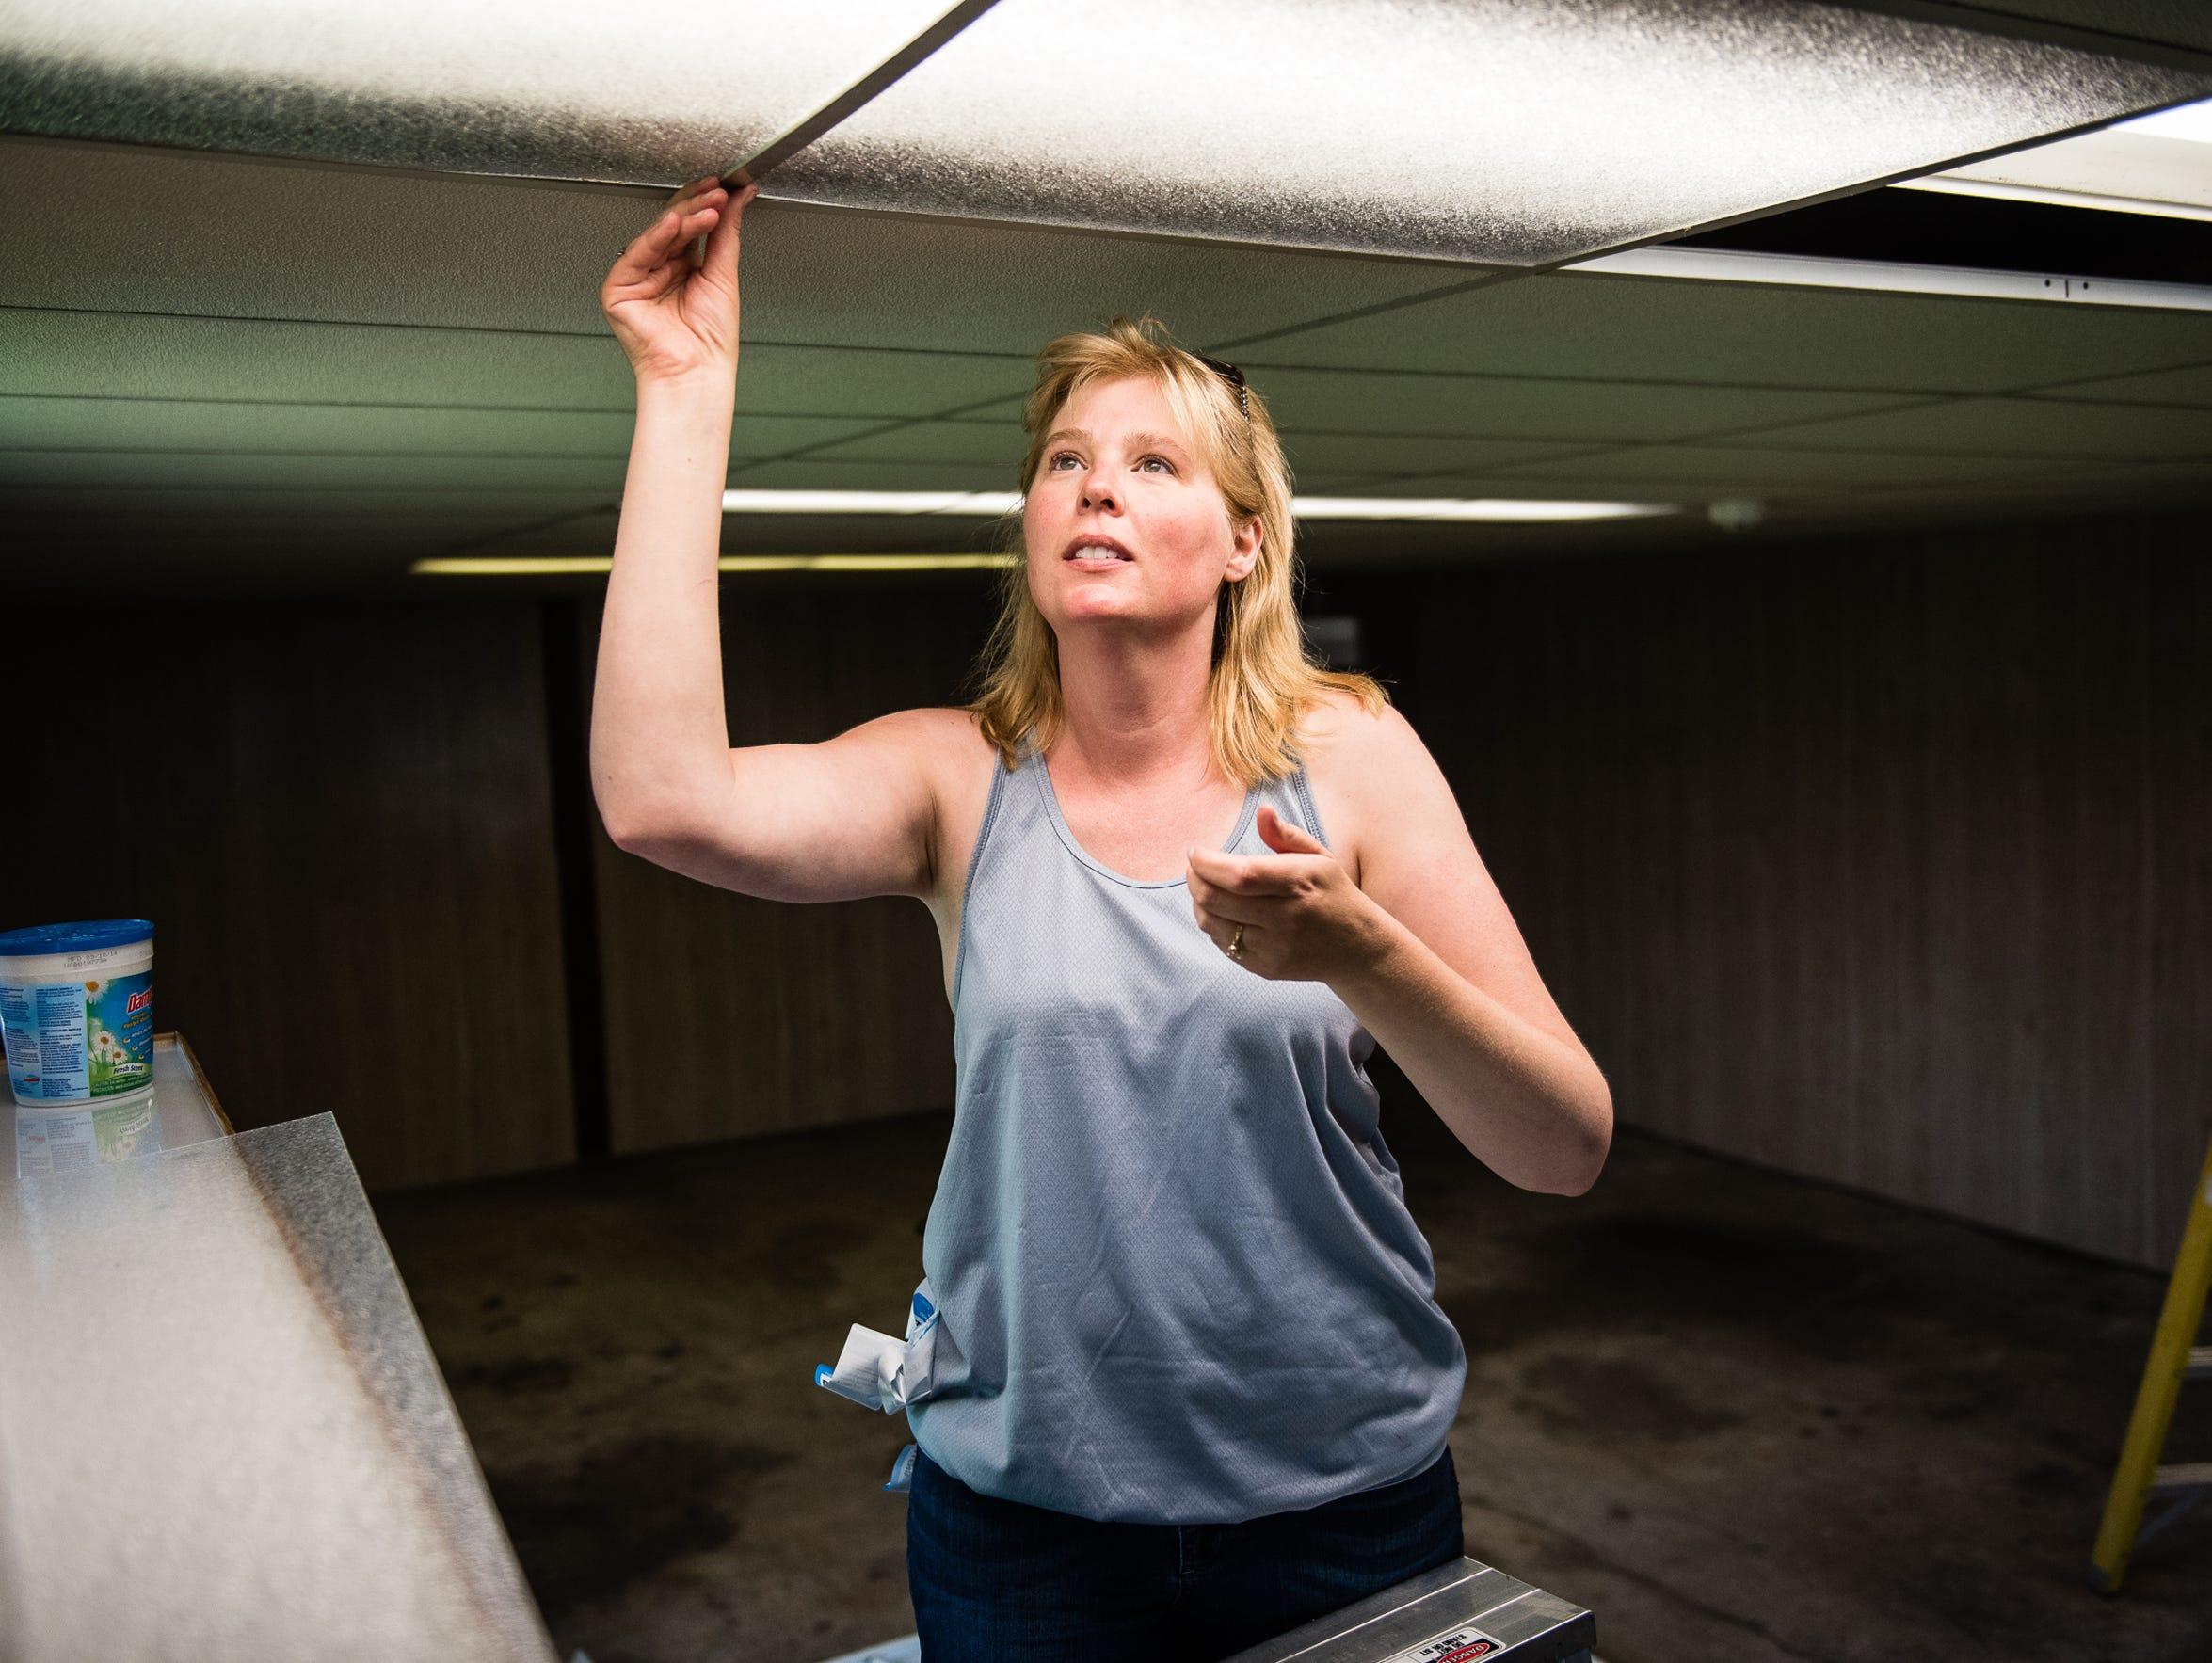 Kirsten Schaub of Hanover works on ceiling light fixtures